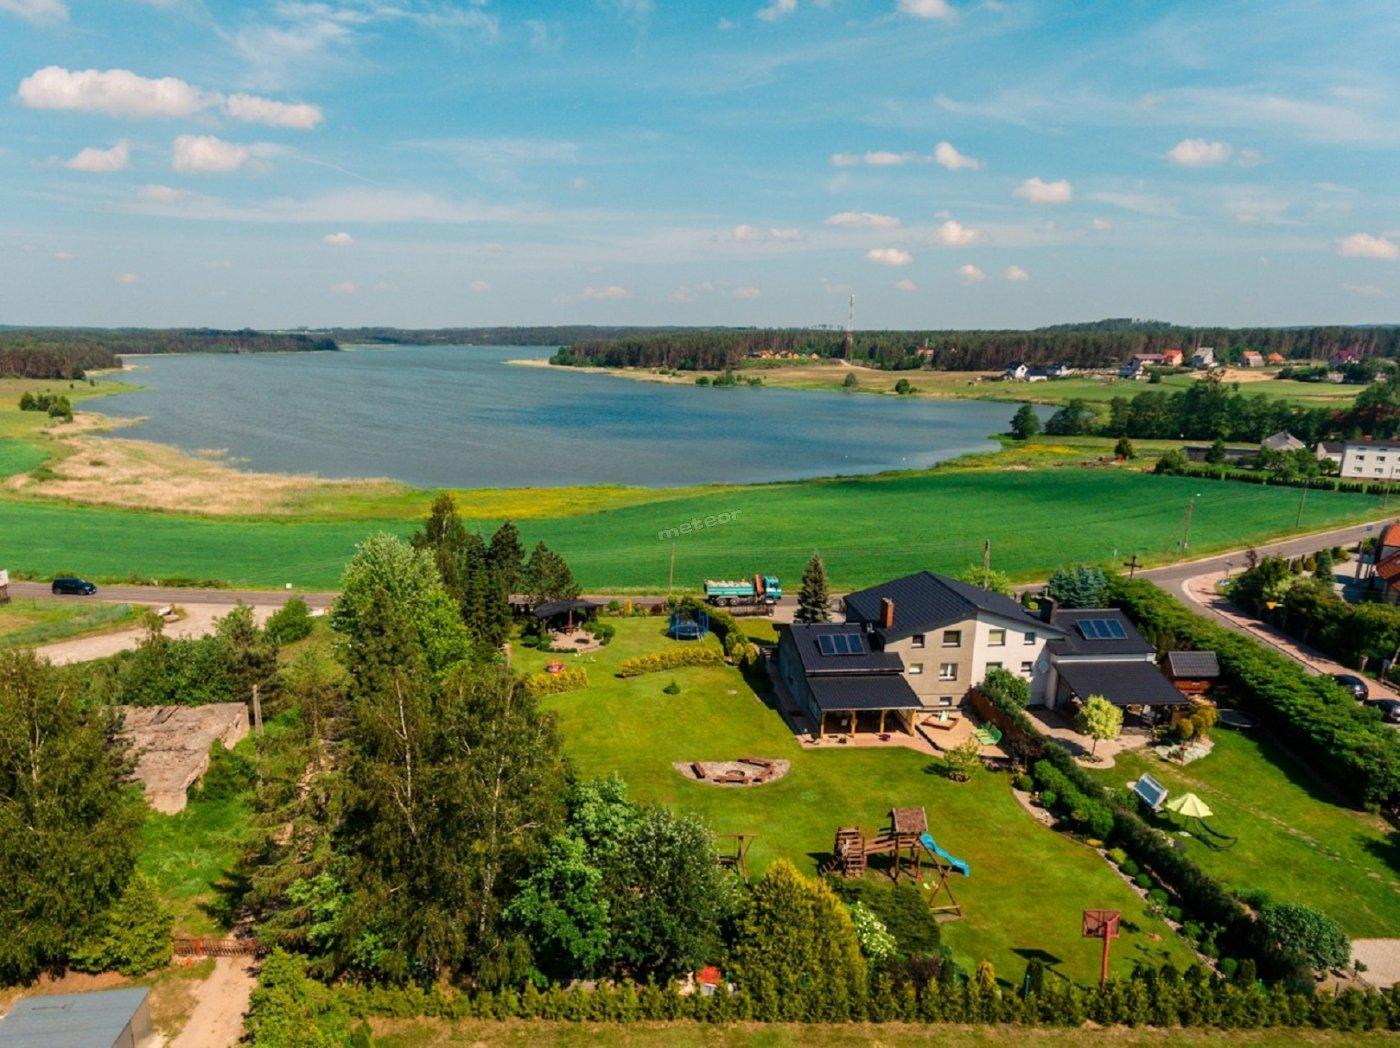 widok na Jezioro Kamienickie